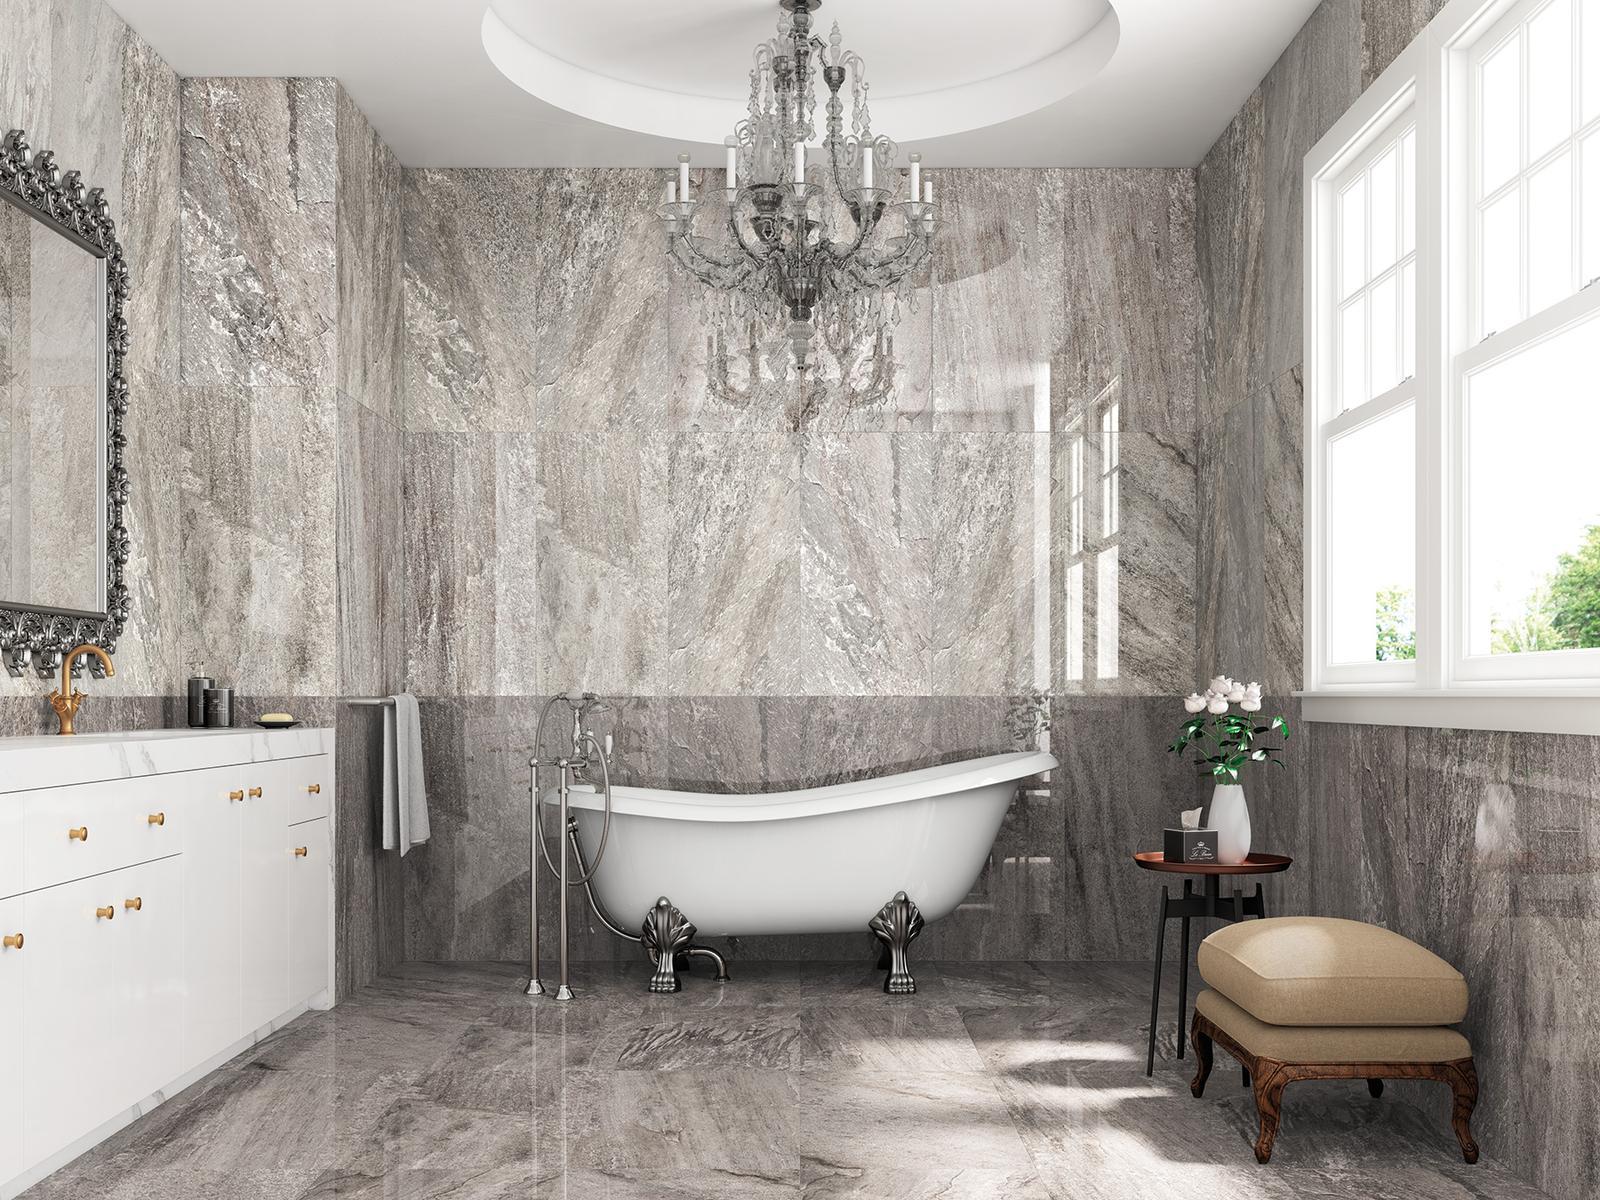 Luxusné kúpelne zo Španielska - luxusná lesklá kúpeľňa Dolmen Grey pulido 49,1x98,2